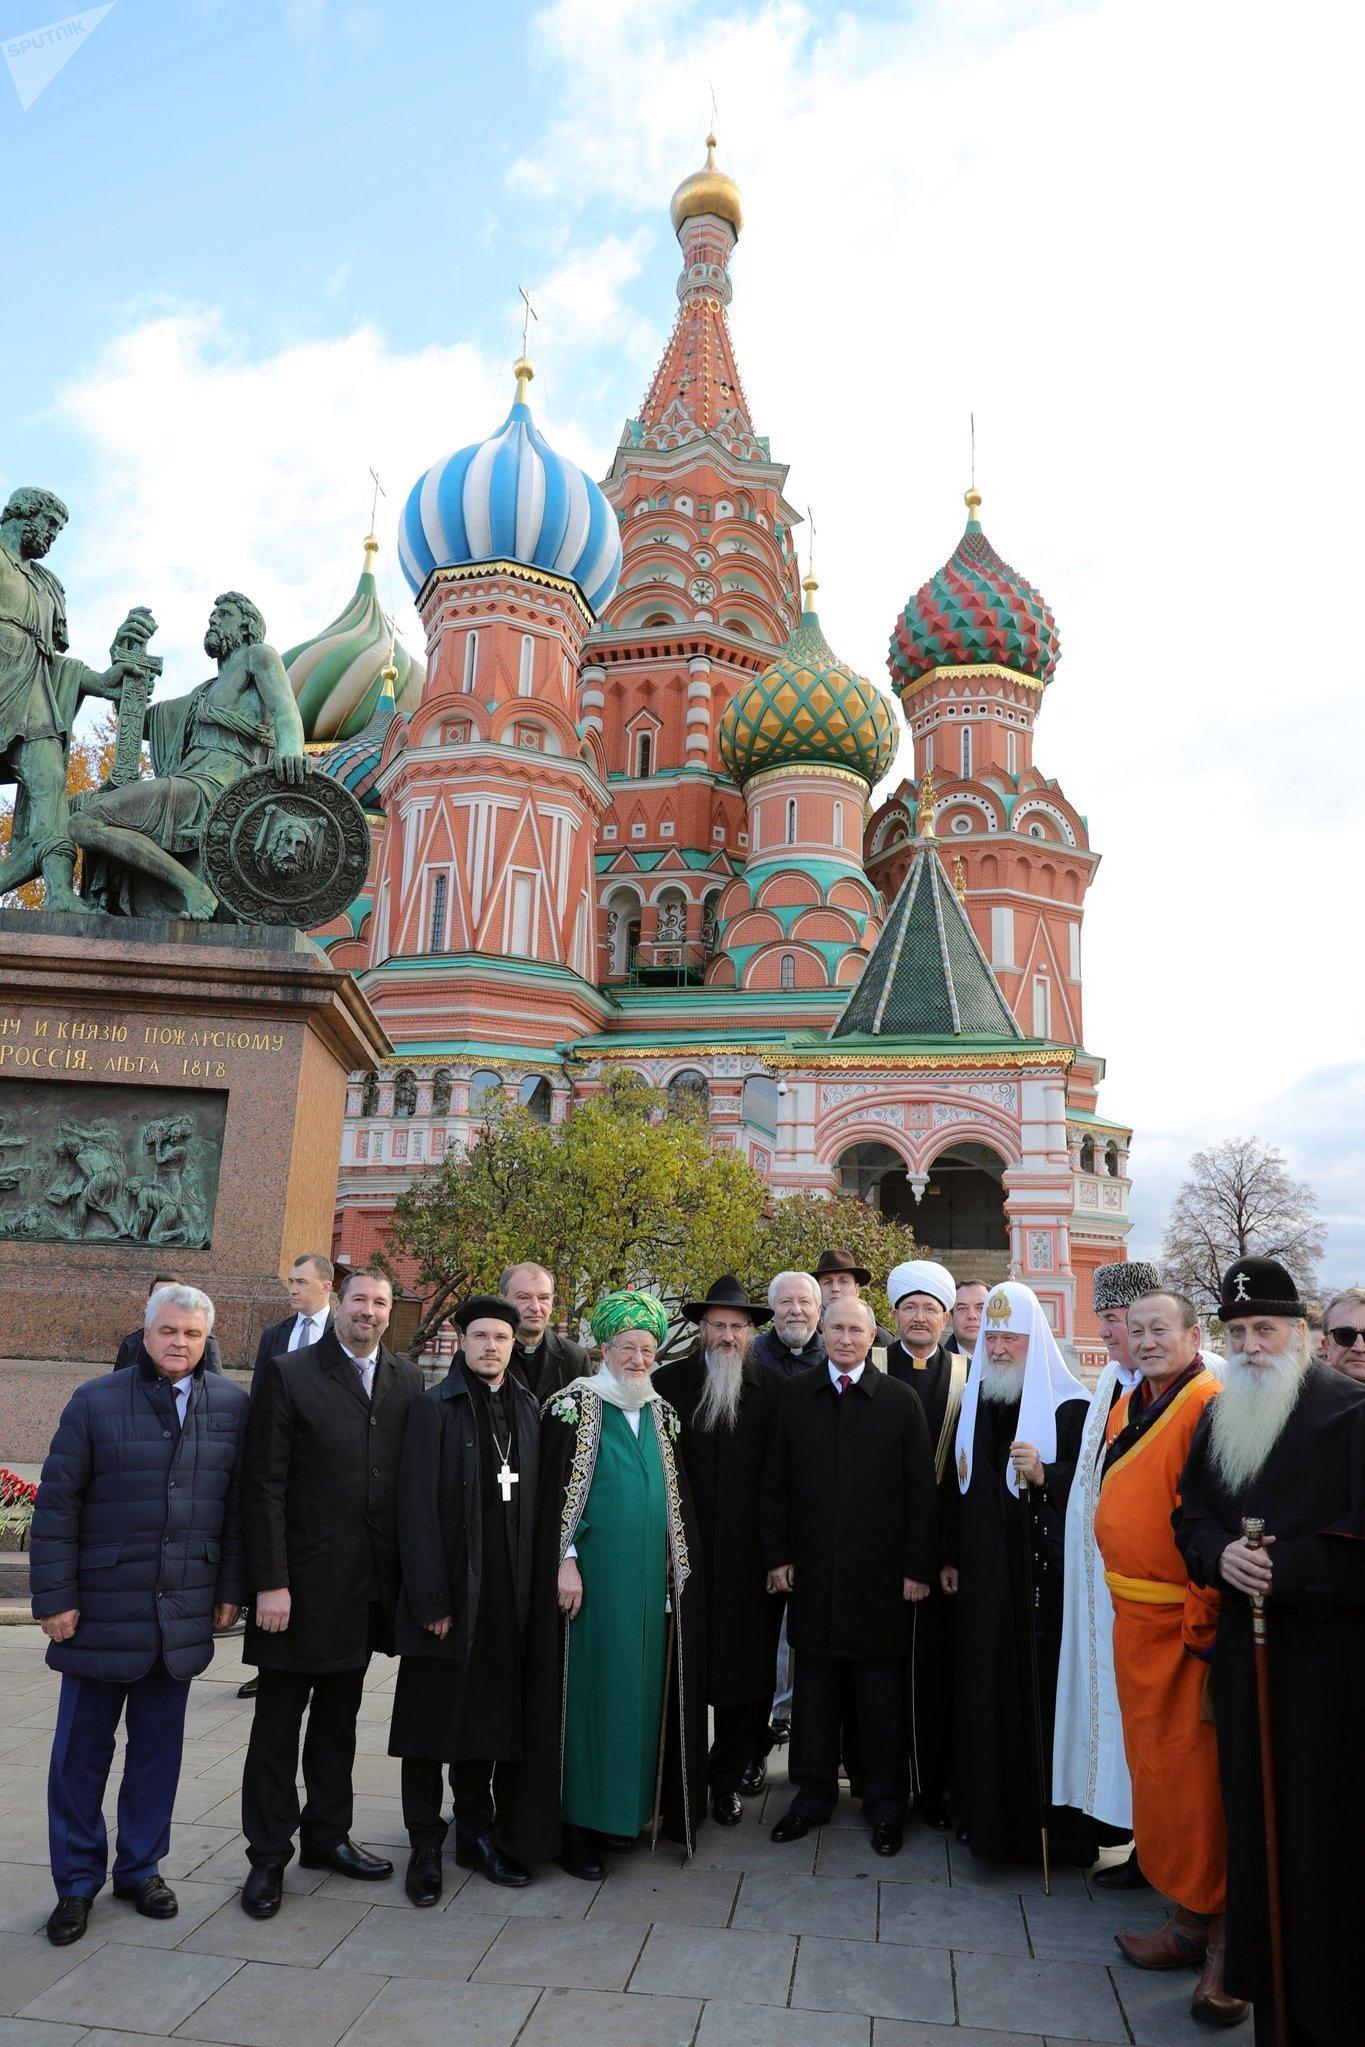 La ceremonia de entrega de flores al monumento a Minin y Pozharski en la Plaza Roja de Moscú